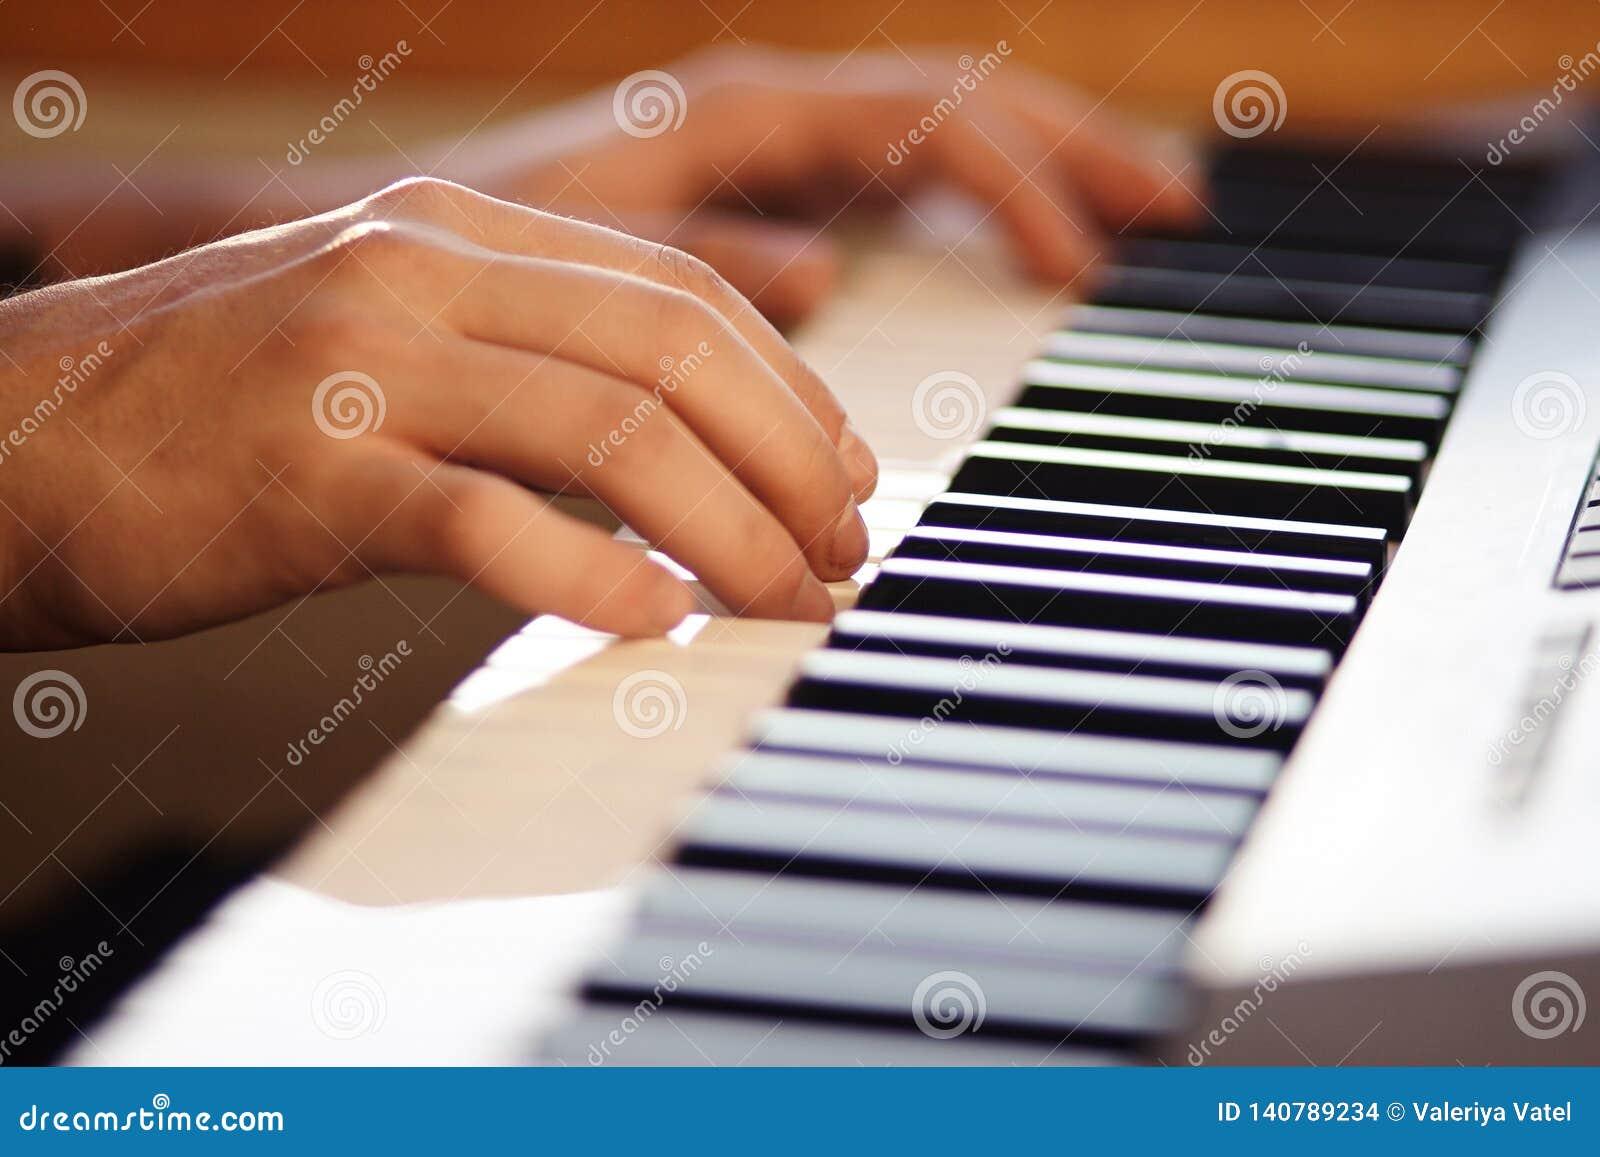 O músico que pressiona as chaves de um sintetizador musical moderno